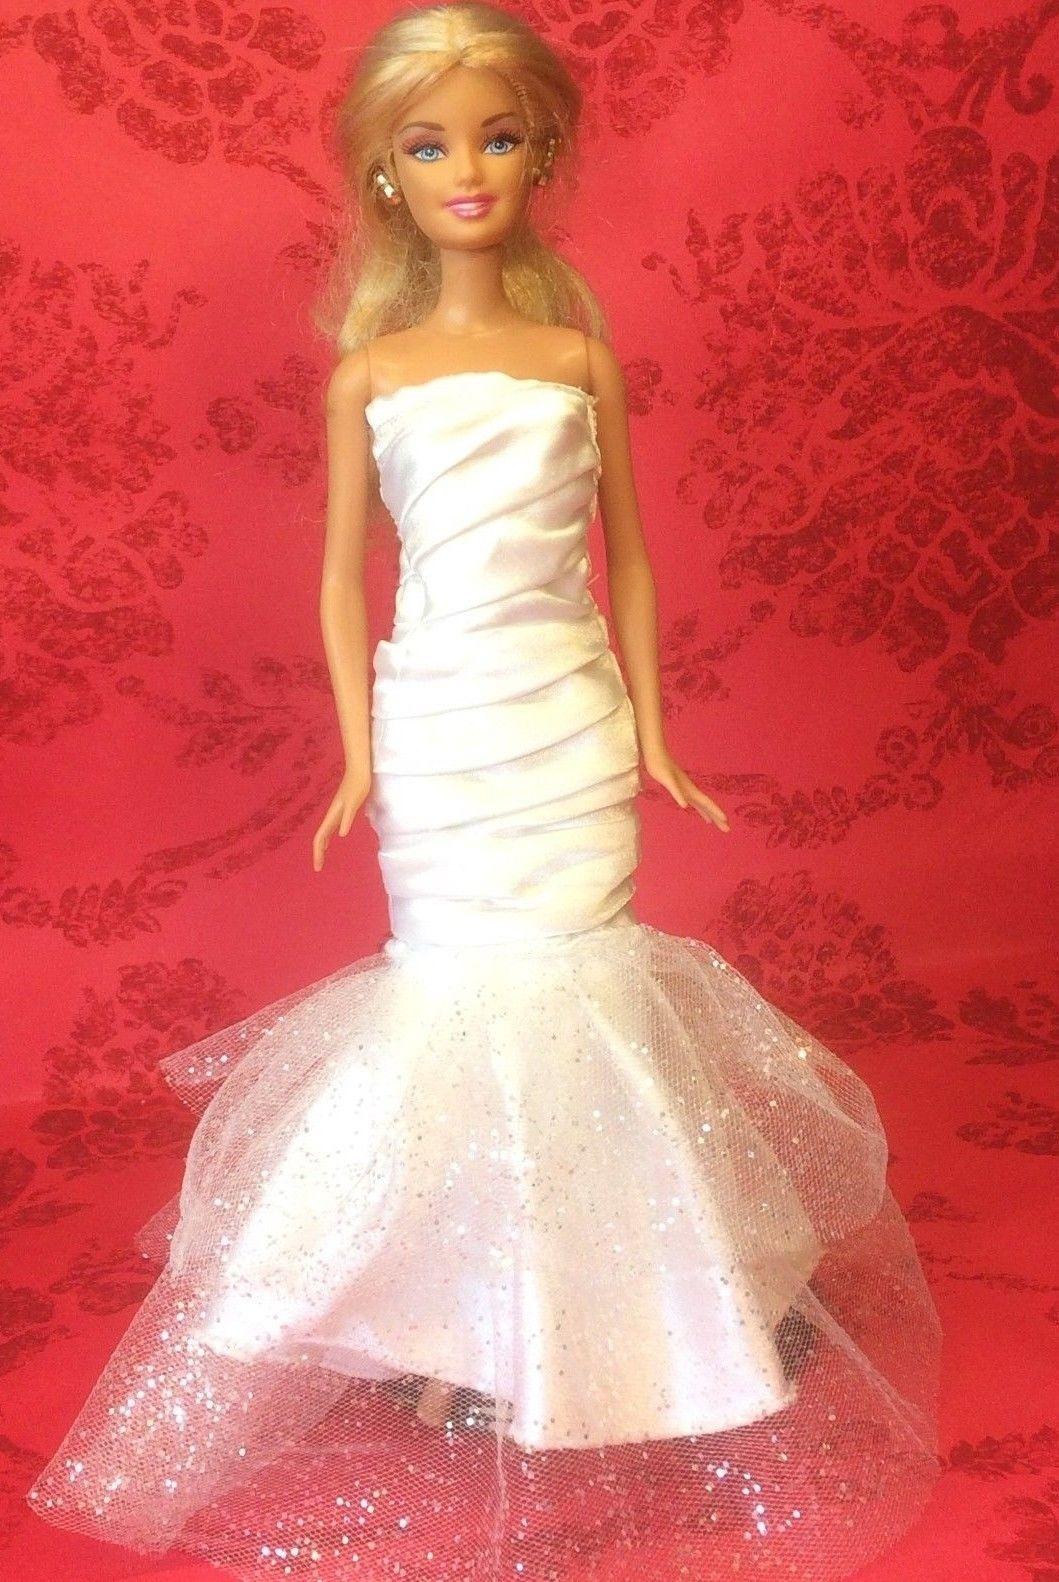 Spektakulär Weißes Glitzer Kleid Ärmel10 Spektakulär Weißes Glitzer Kleid Vertrieb